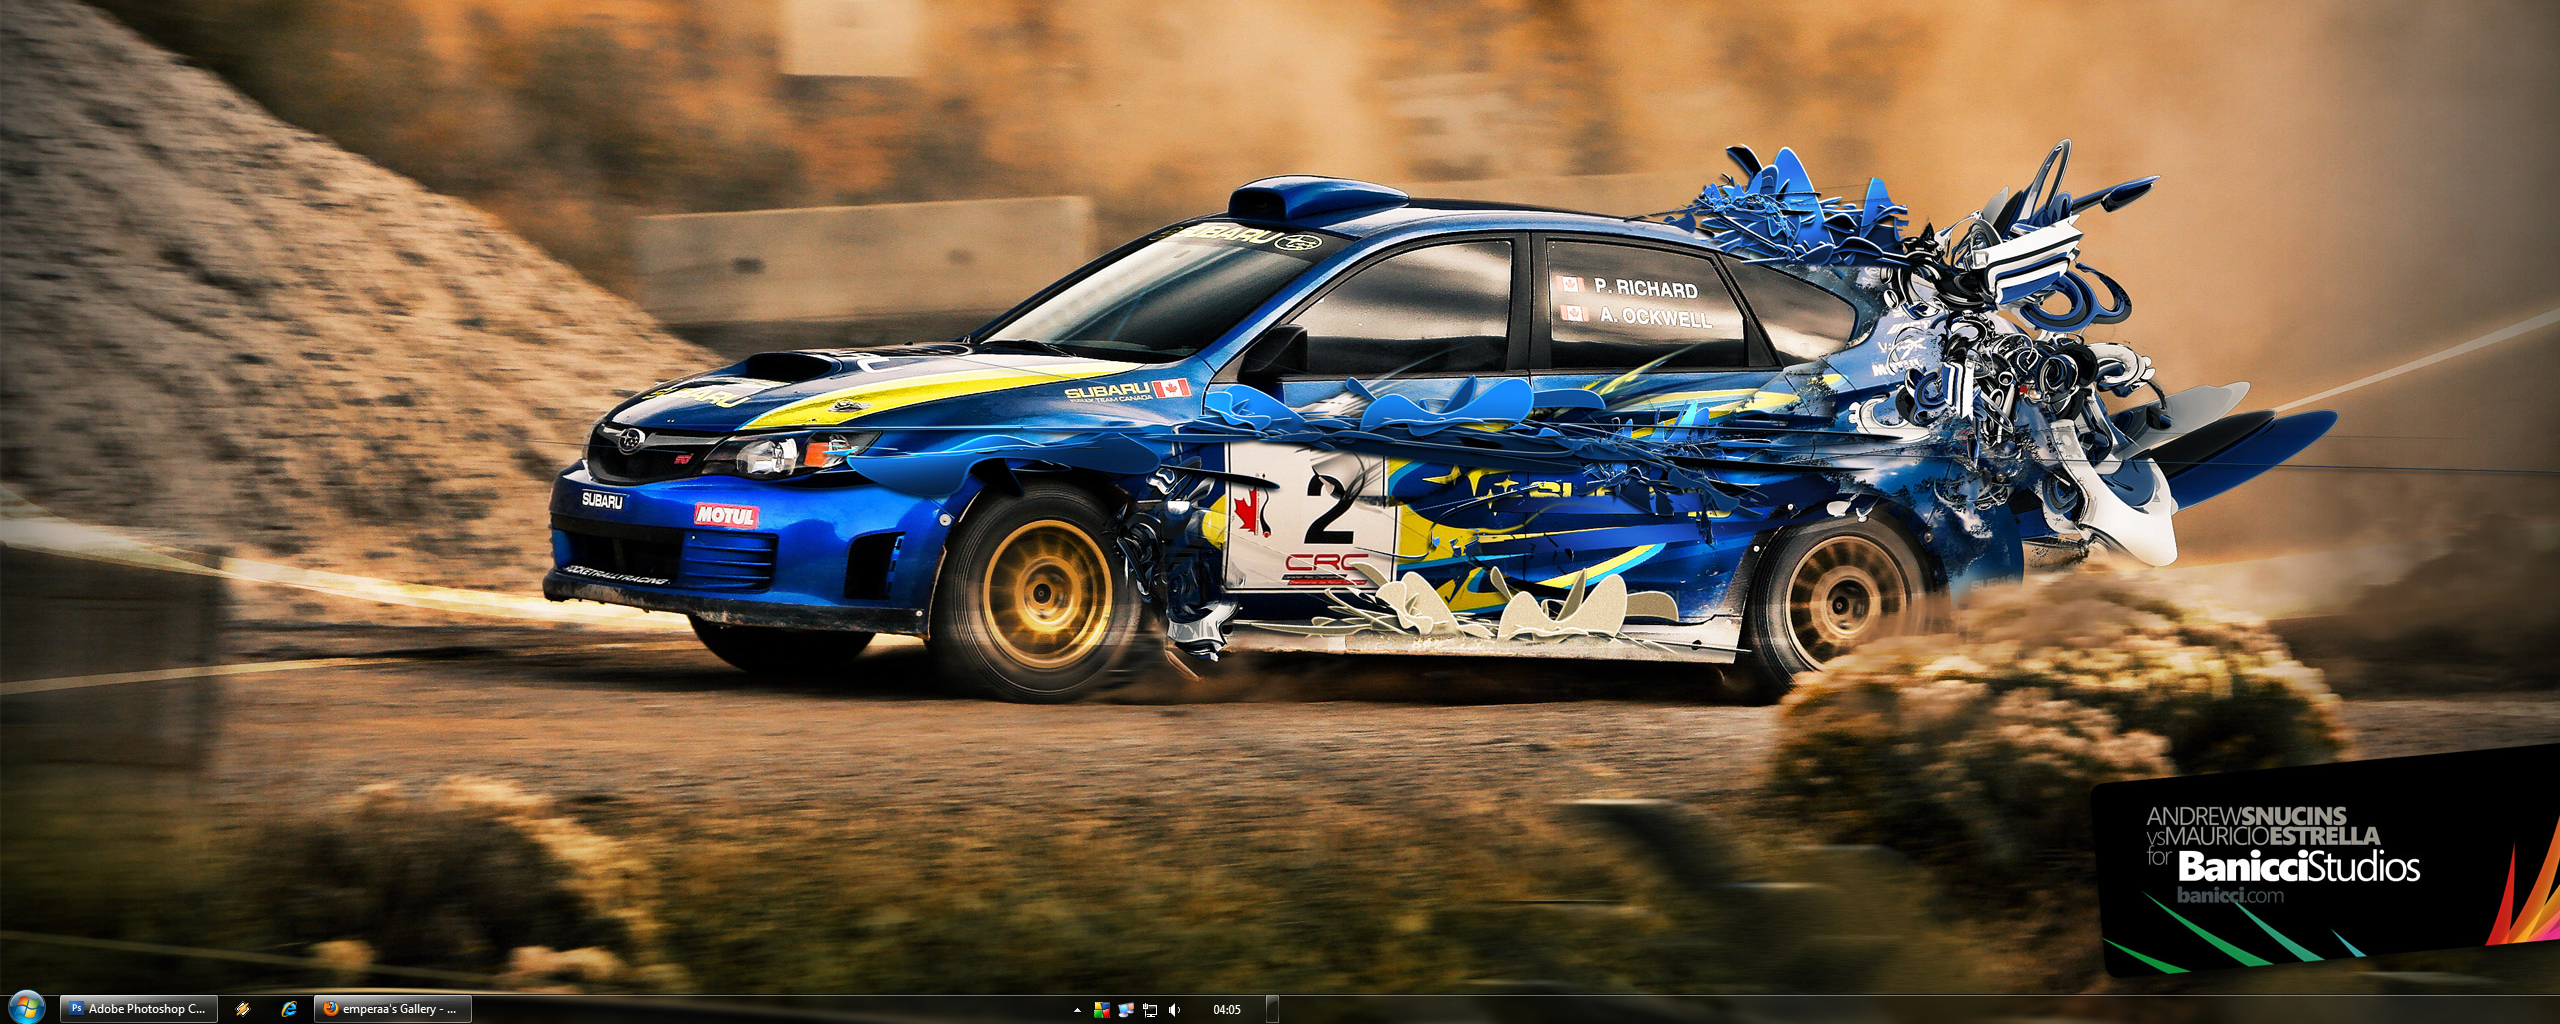 Desktop June 2010 by emperaa